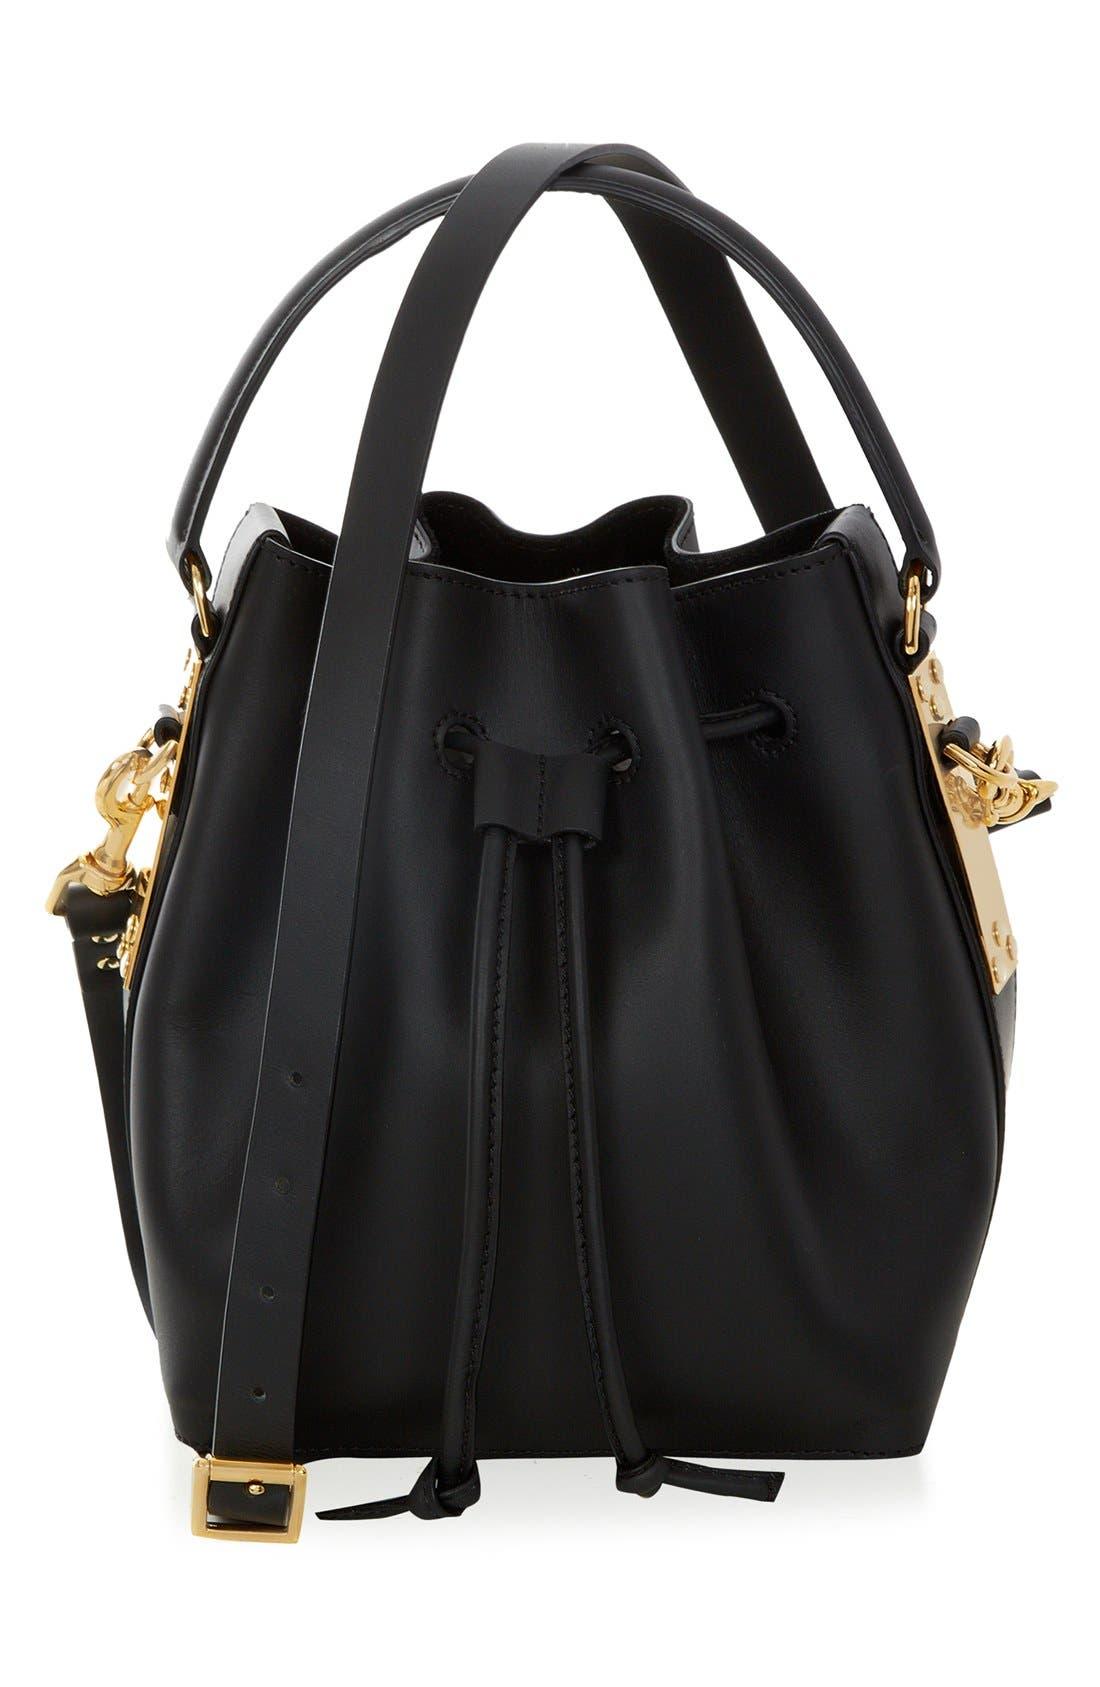 Alternate Image 1 Selected - Sophie Hulme 'Small' Drawstring Leather Shoulder Bag